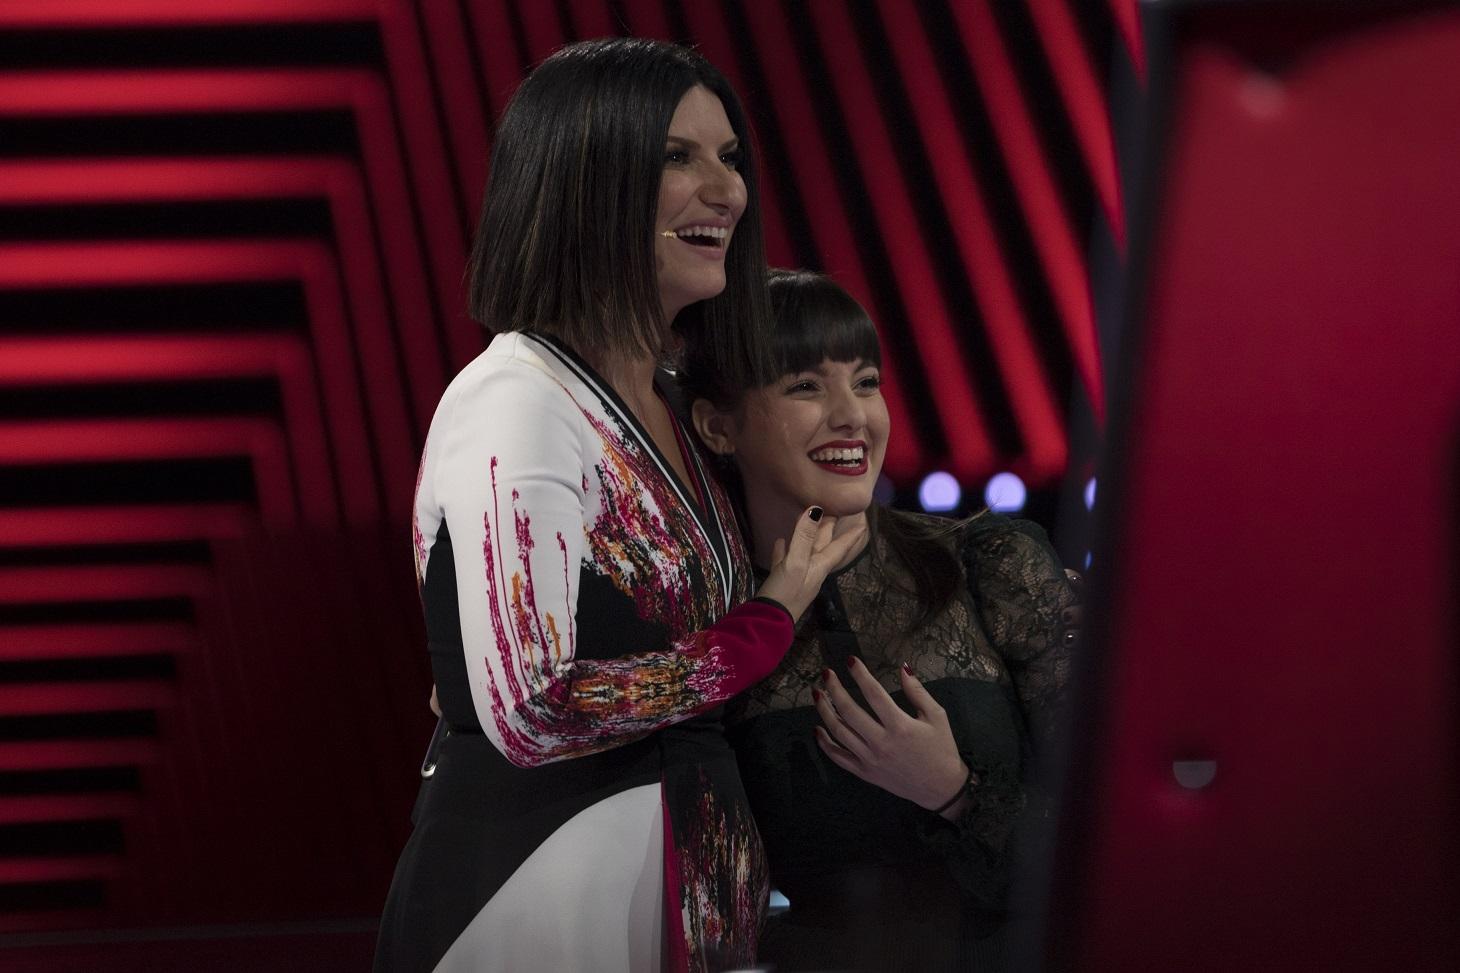 La tercera noche de audiciones en  La Voz… México estuvo llena de sorpresas